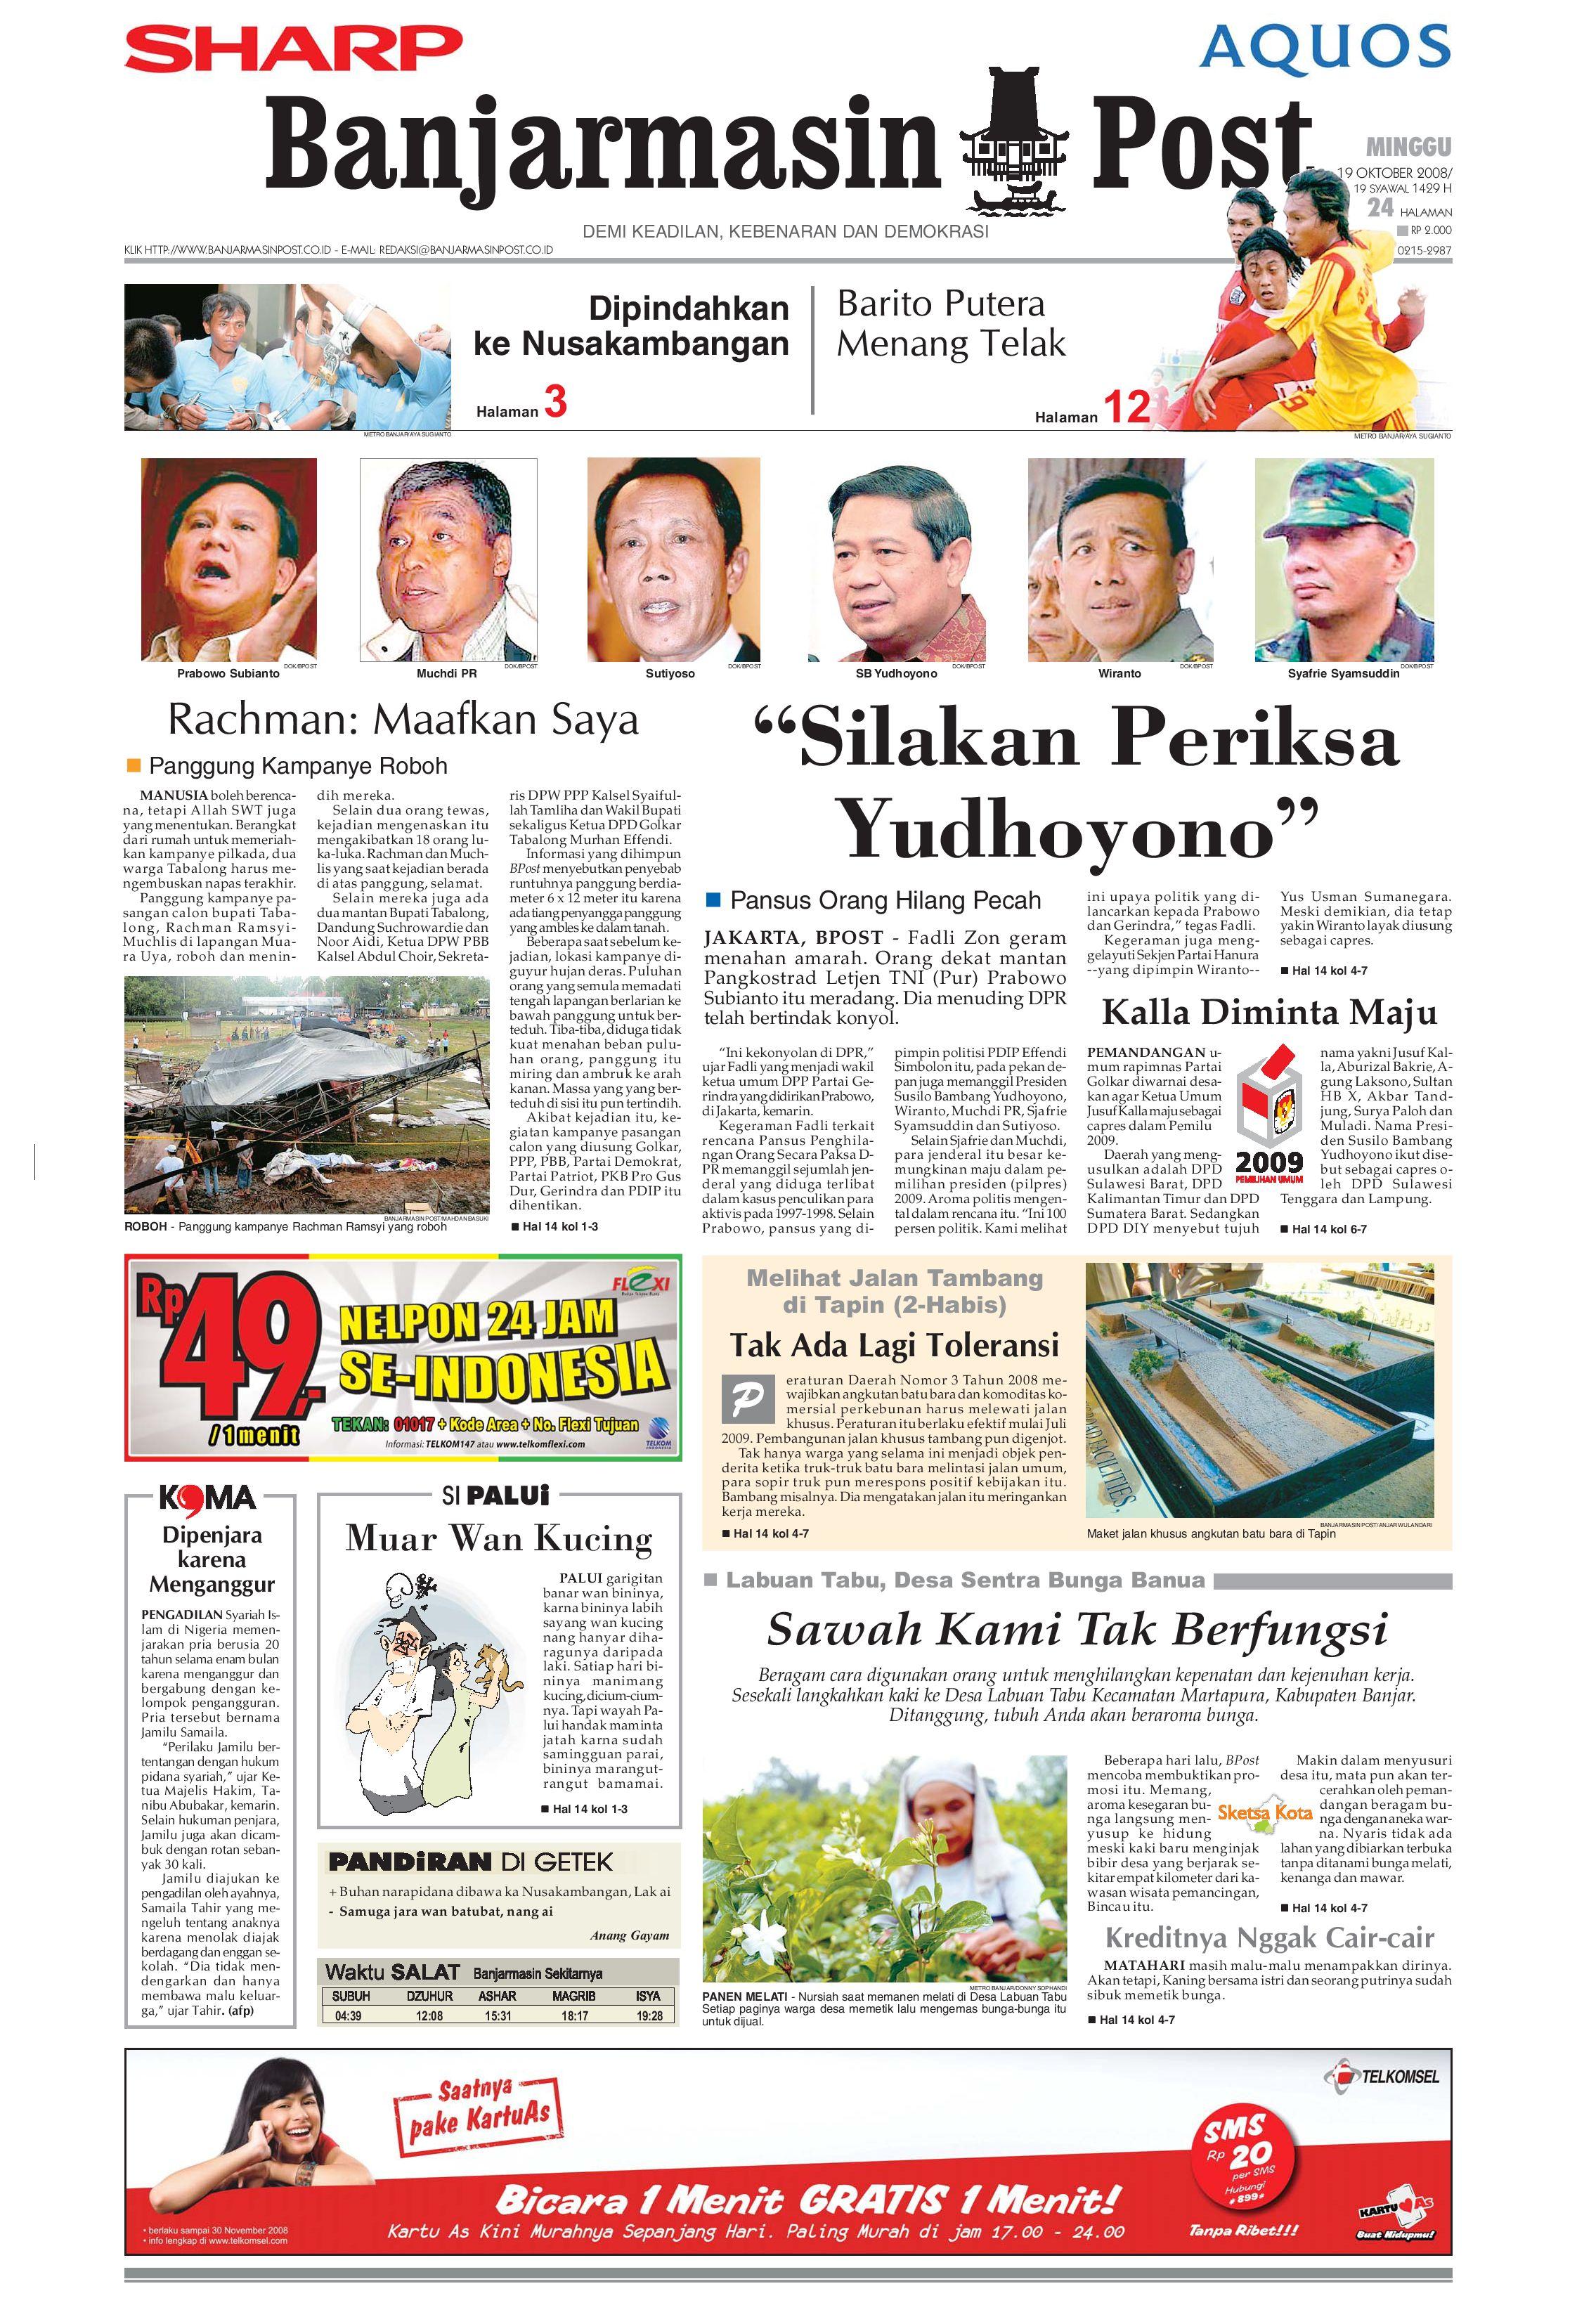 Banjarmasin Post 19 Oktober 2008 By Issuu Gendongan Bayi Depan Mbg 6201 Free Ongkir Jabodetabek